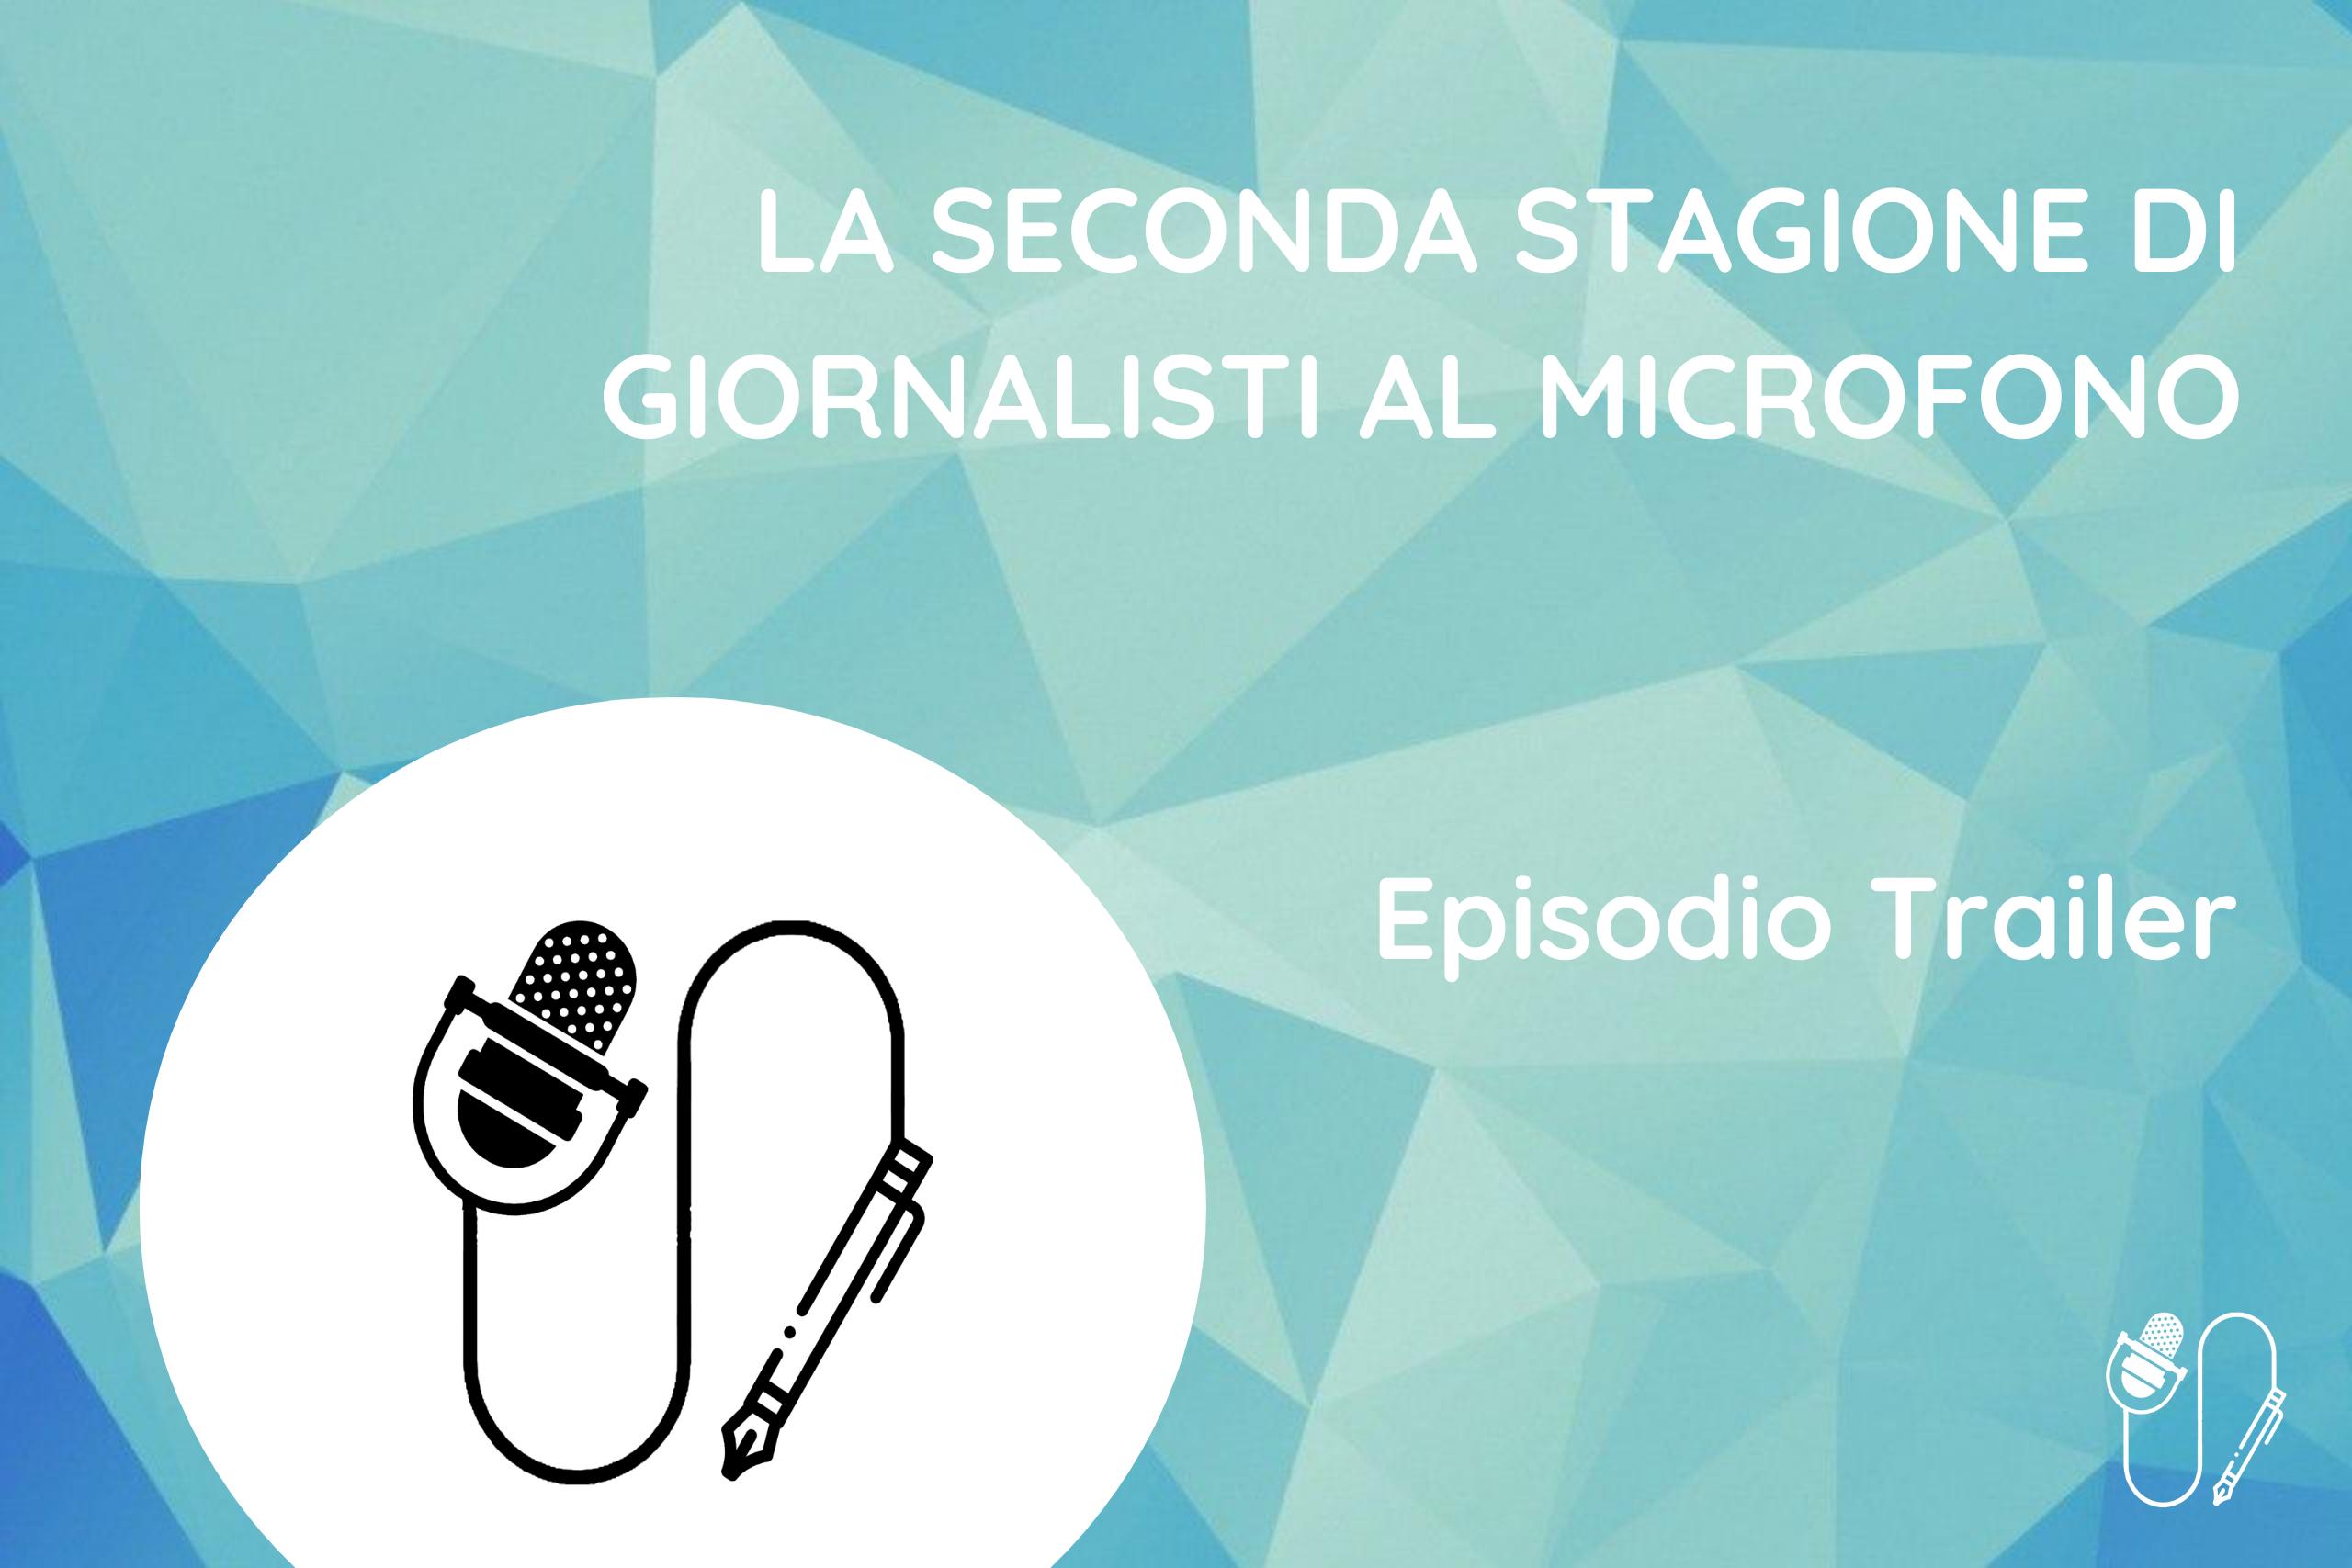 Copertina Trailer seconda stagione Giornalisti al Microfono